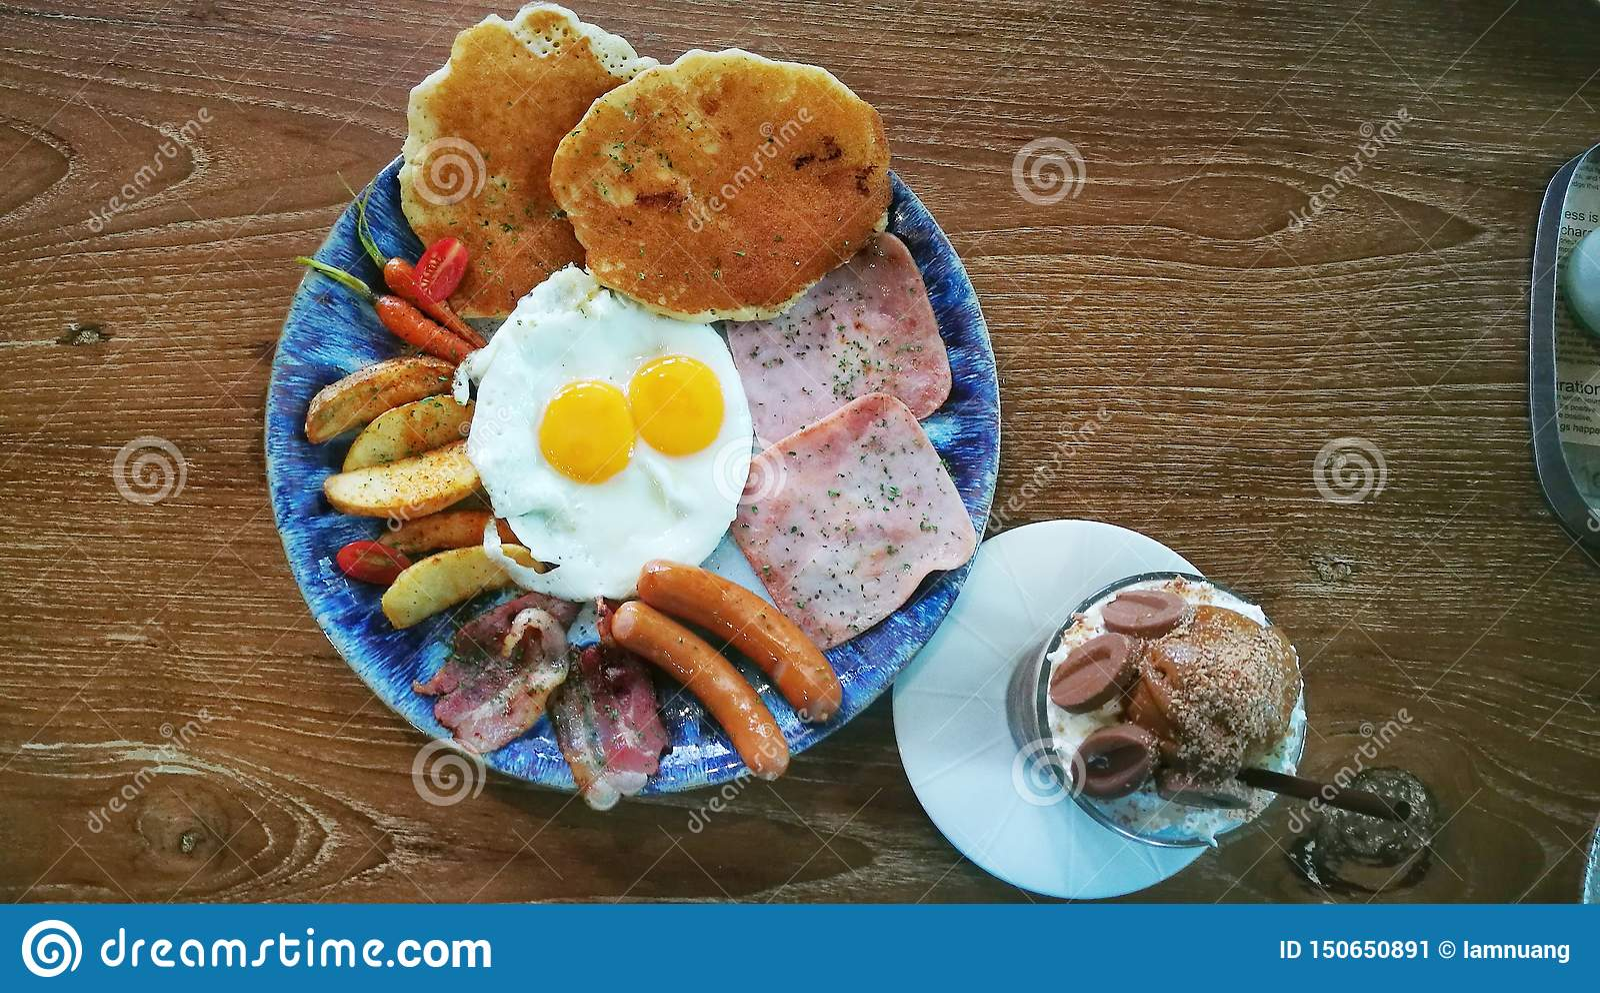 与荷包蛋、火腿、香肠、烟肉、嫩胡萝卜、被烘烤的土豆和被冰的巧克力的生气勃勃早餐在木桌上